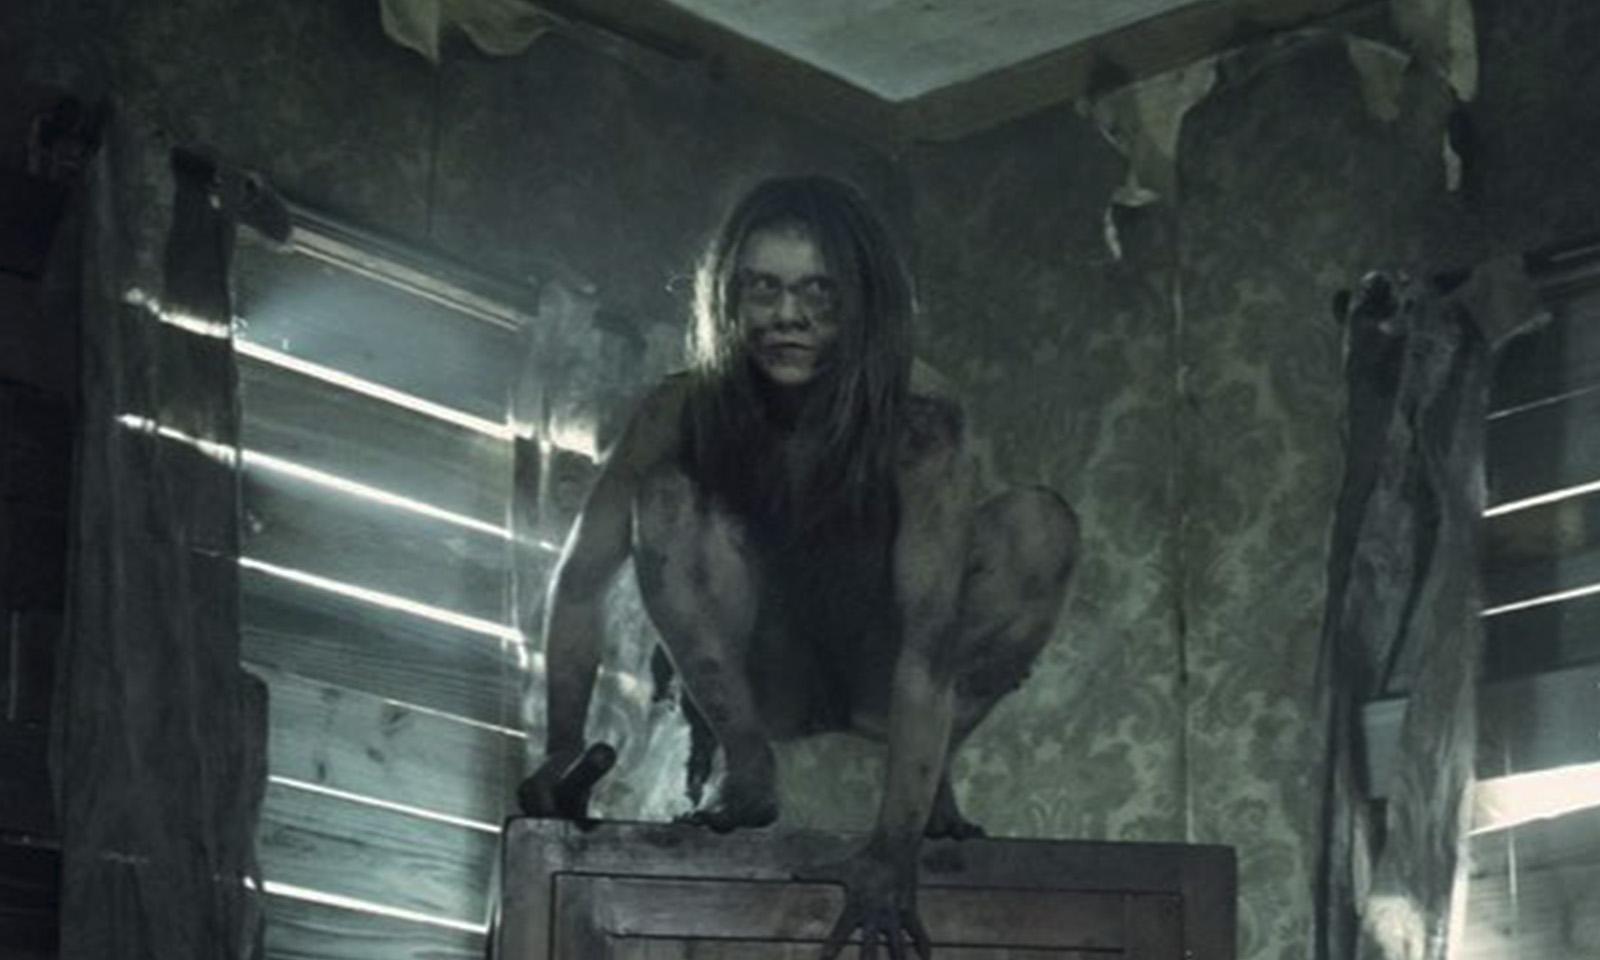 Mulher selvagem segurando algo em cima de alguma coisa em casa abandonada no episódio 6 da 11ª temporada de The Walking Dead.